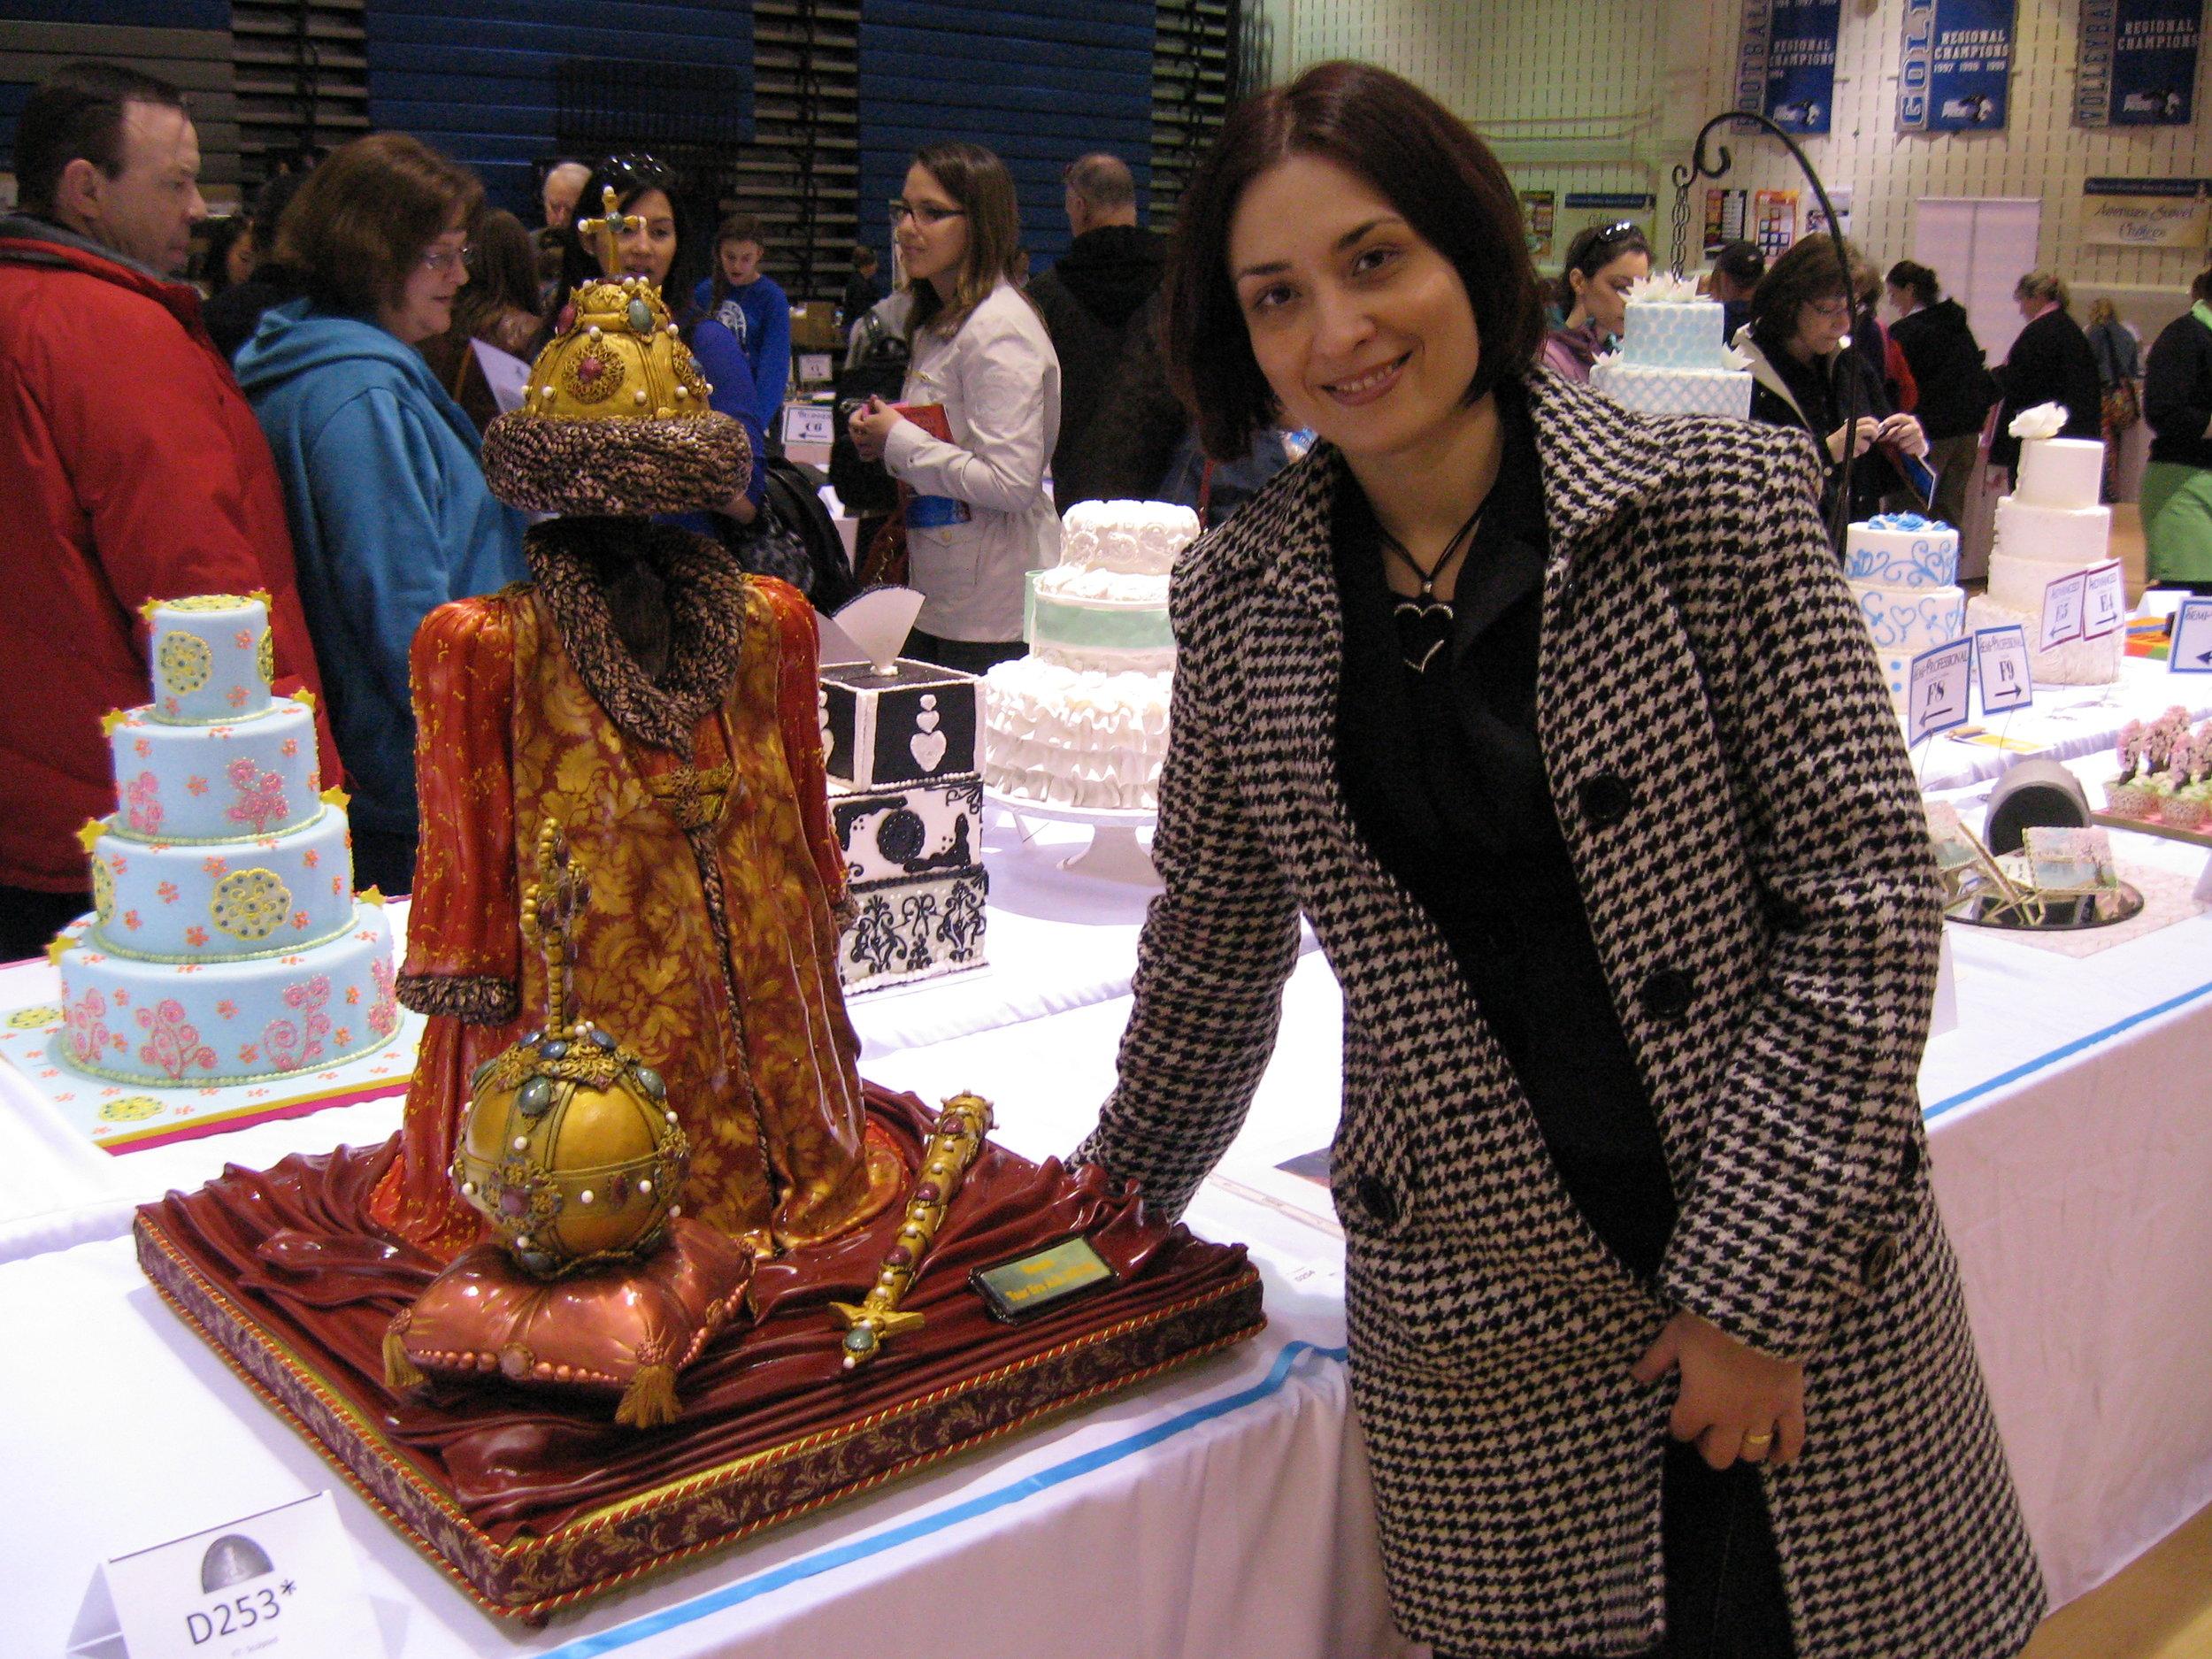 Tatiana Kovalenko Cakes